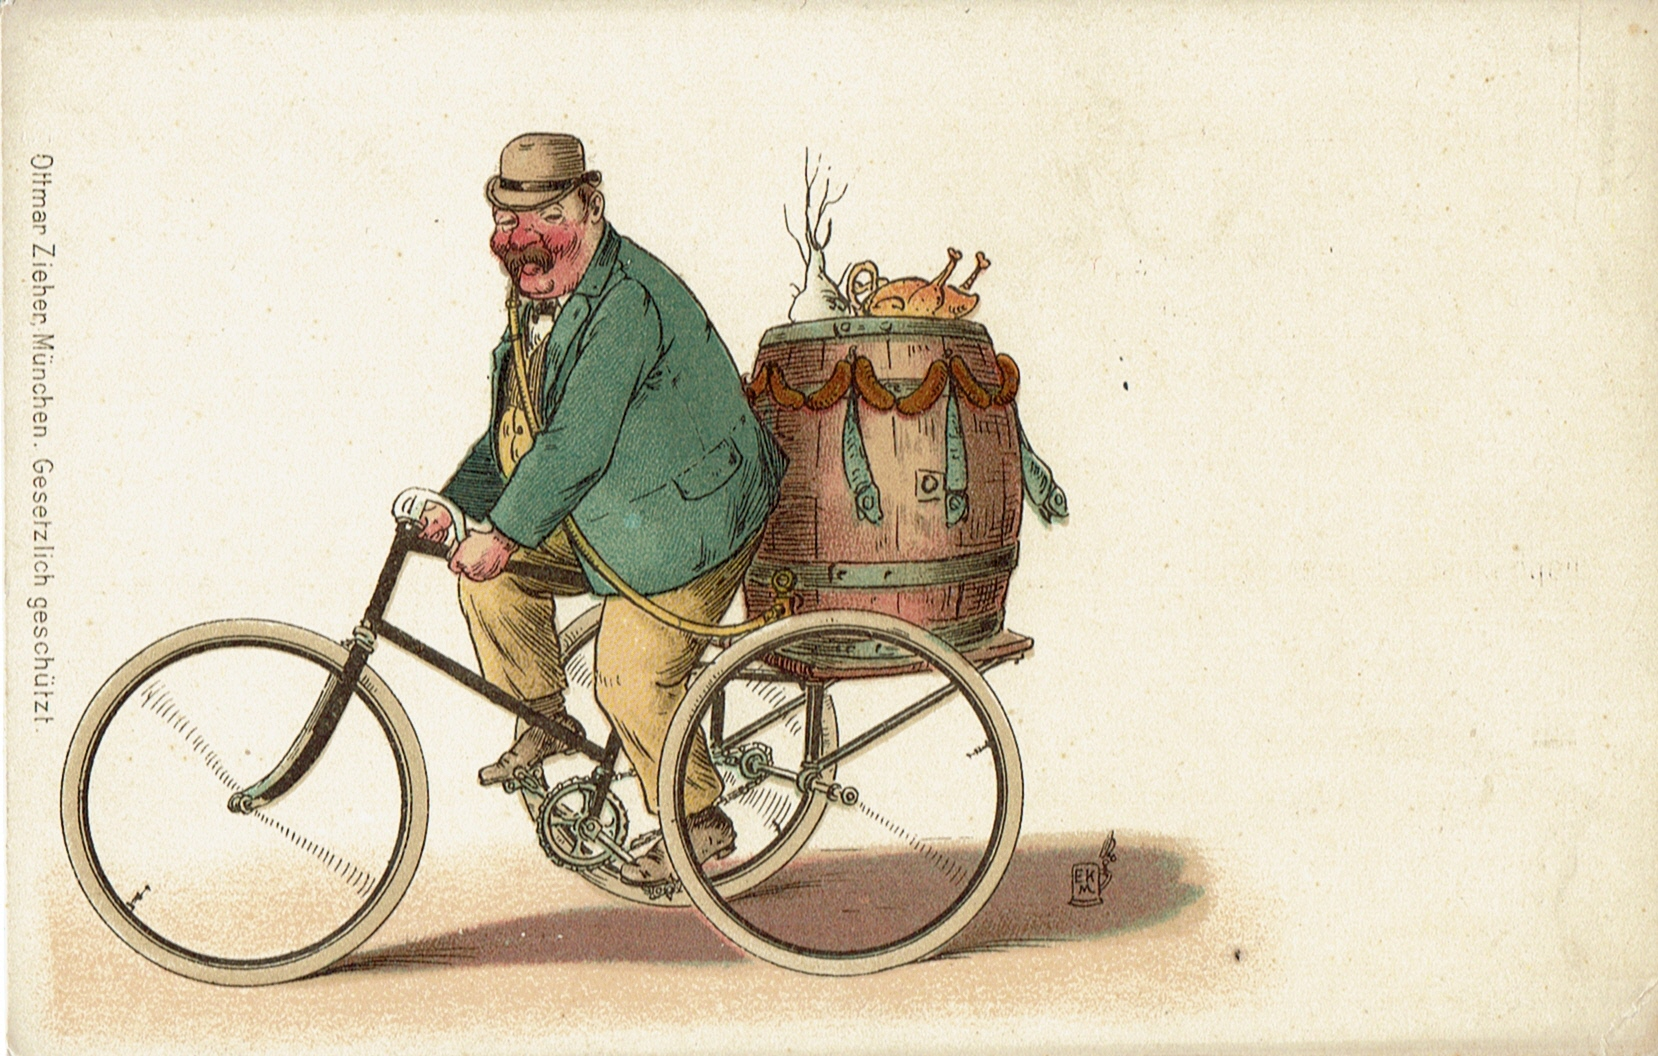 Ein Bierfass auf einem Tricycle, zum Mund des Fahrers führt ein Schlauch